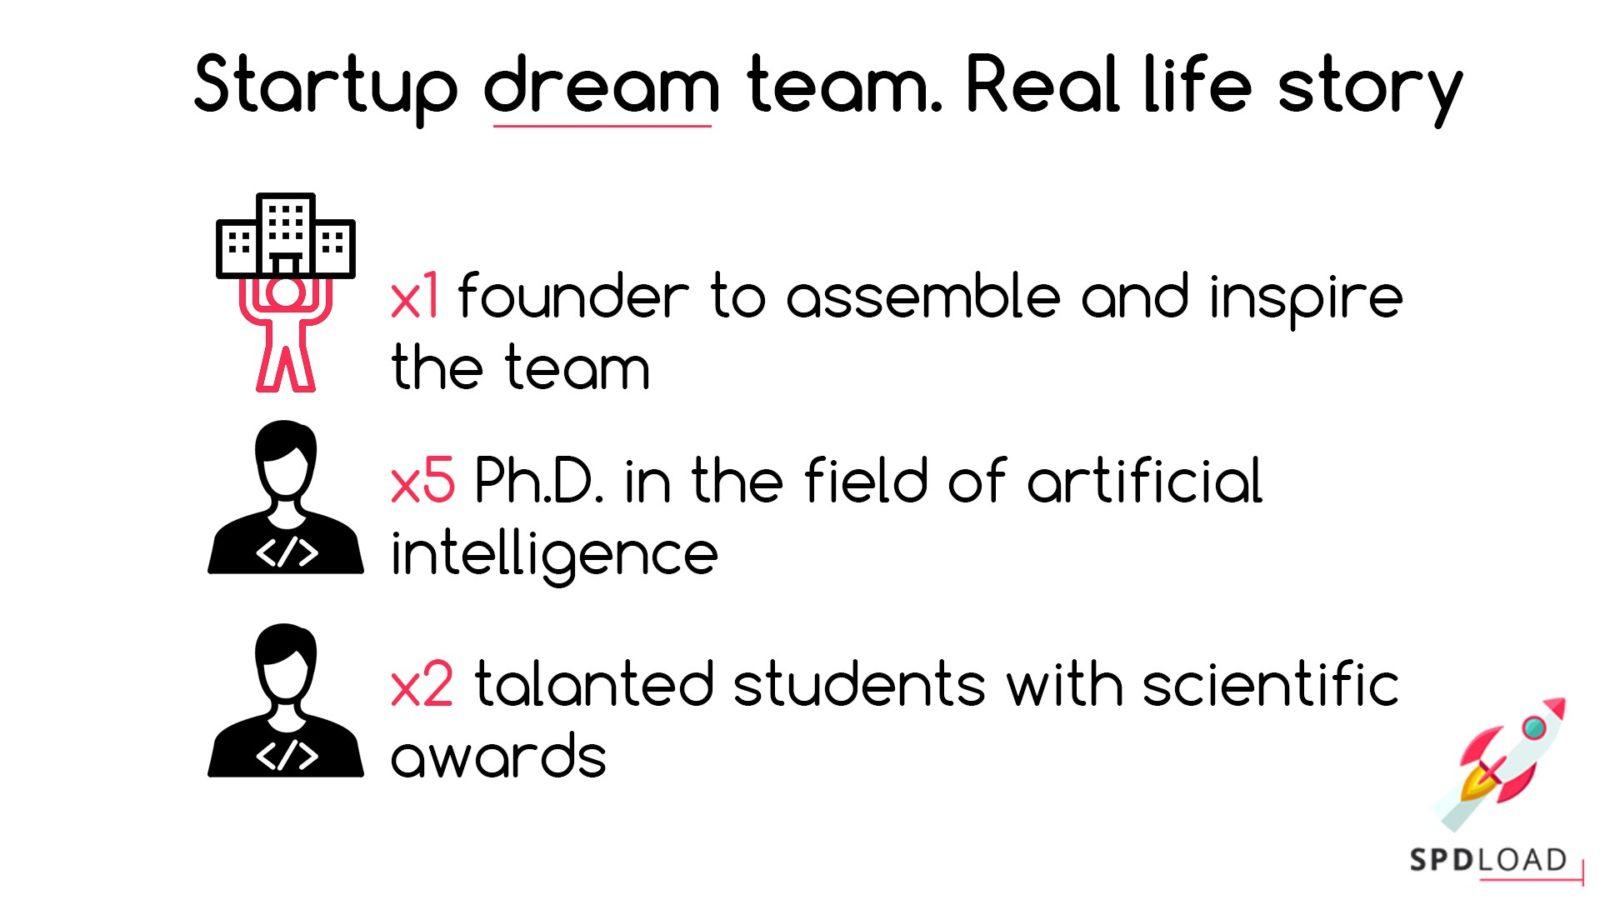 Startup dream team